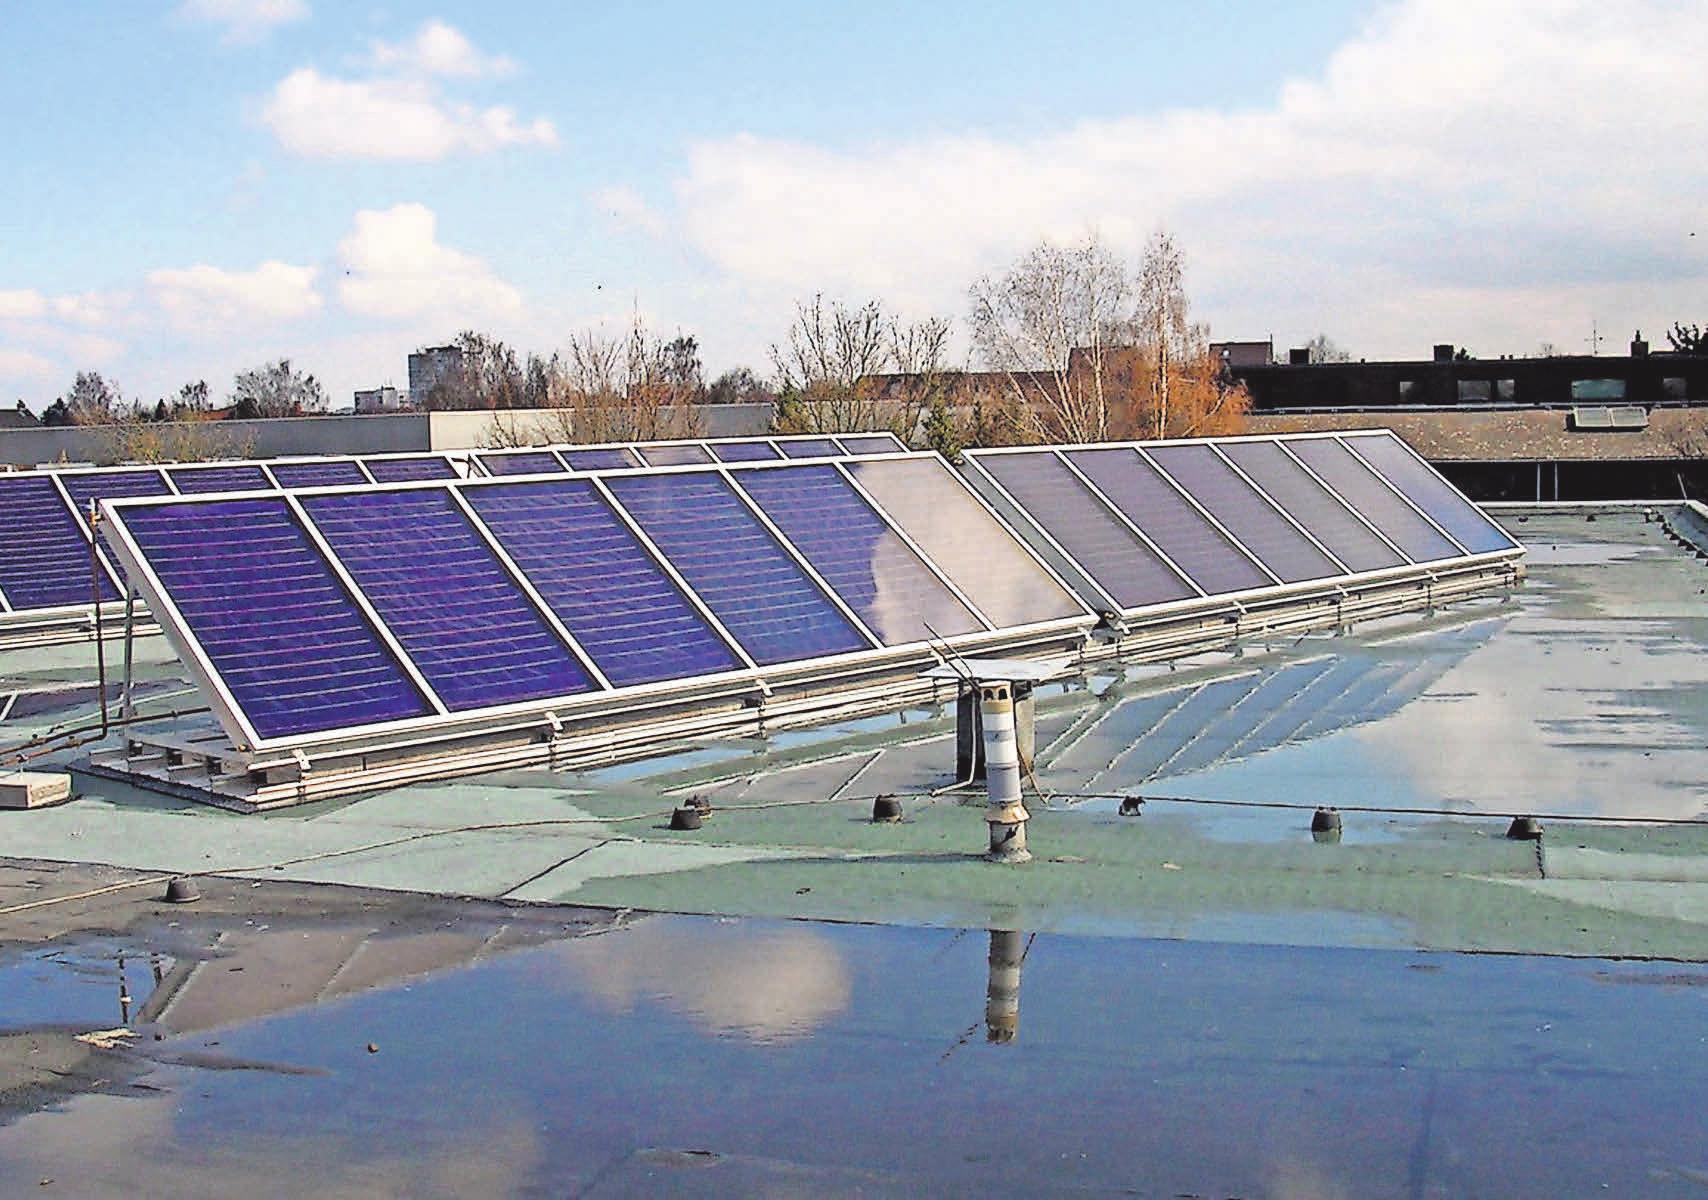 Solaranlagen sind ein zukunftsträchtiges Thema, mit dem sich das Team der Ernst Martin & Co. GmbH beschäftigt.